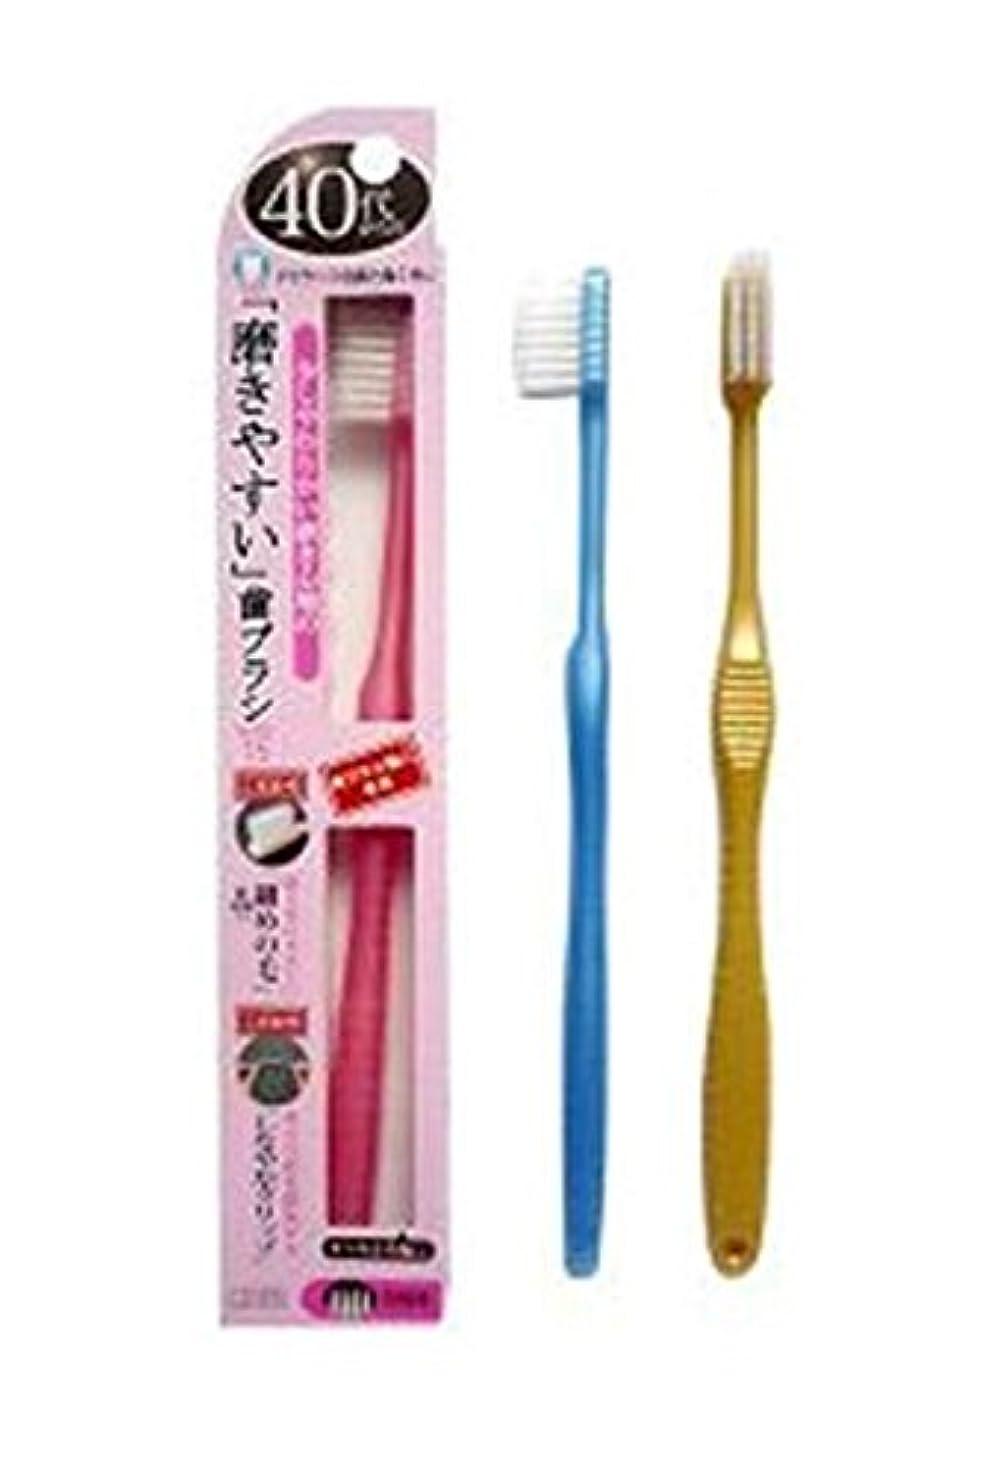 肉屋拮抗する巨大なライフレンジ 40代からの「磨きやすい」歯ブラシ 先細 12本 (ピンク4、ブルー4、ゴールド4)アソート